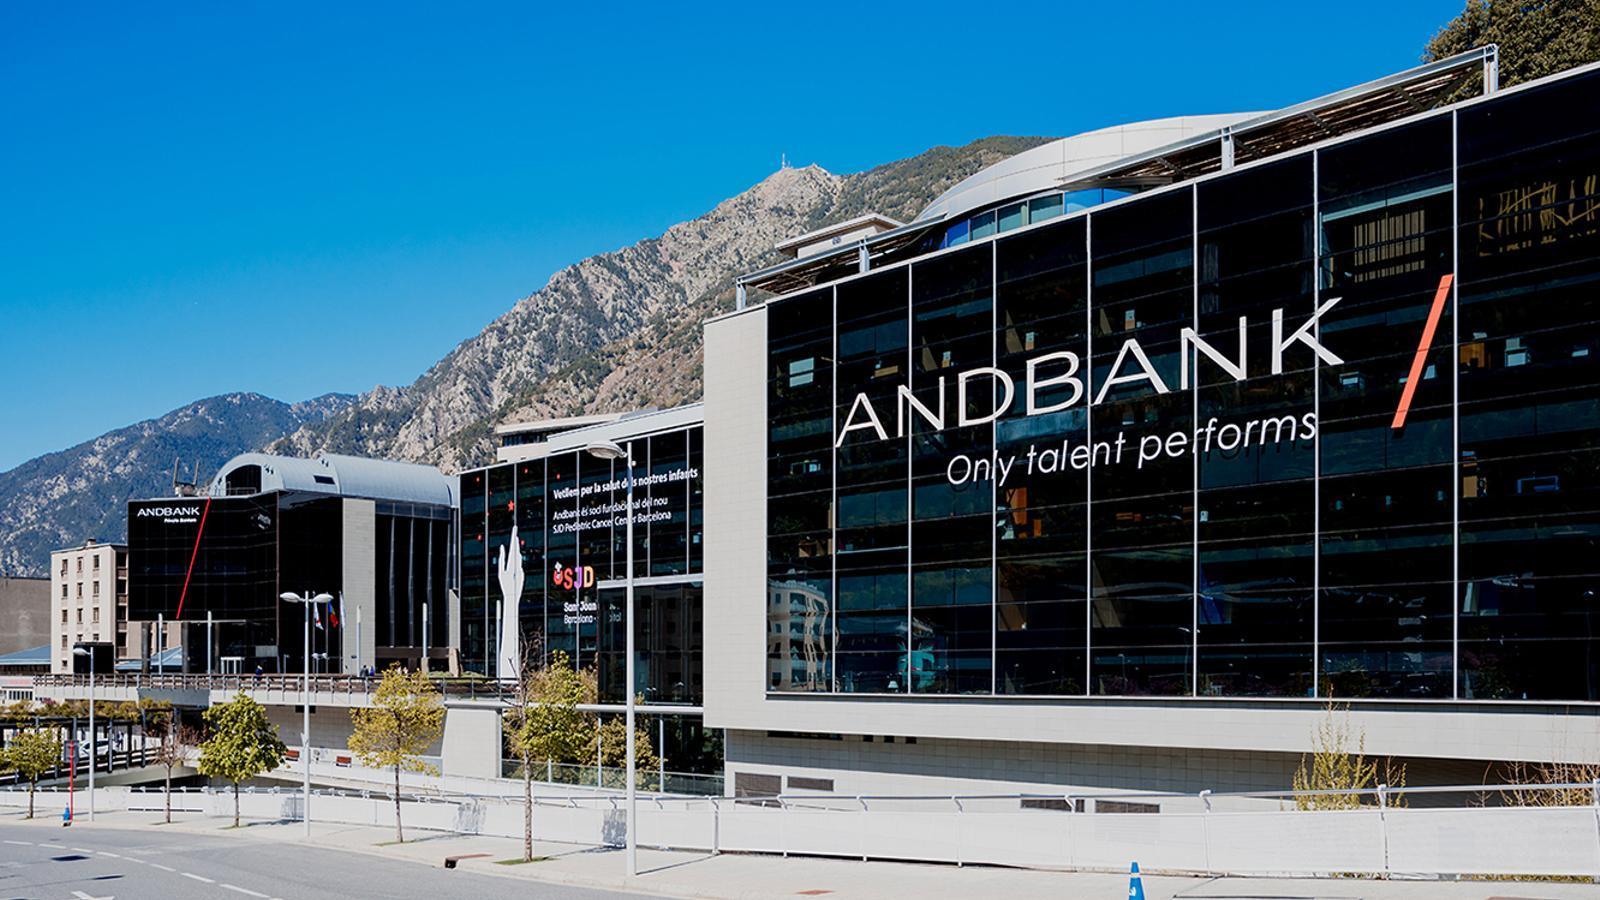 La seu social d'Andbank. / ANDBANK